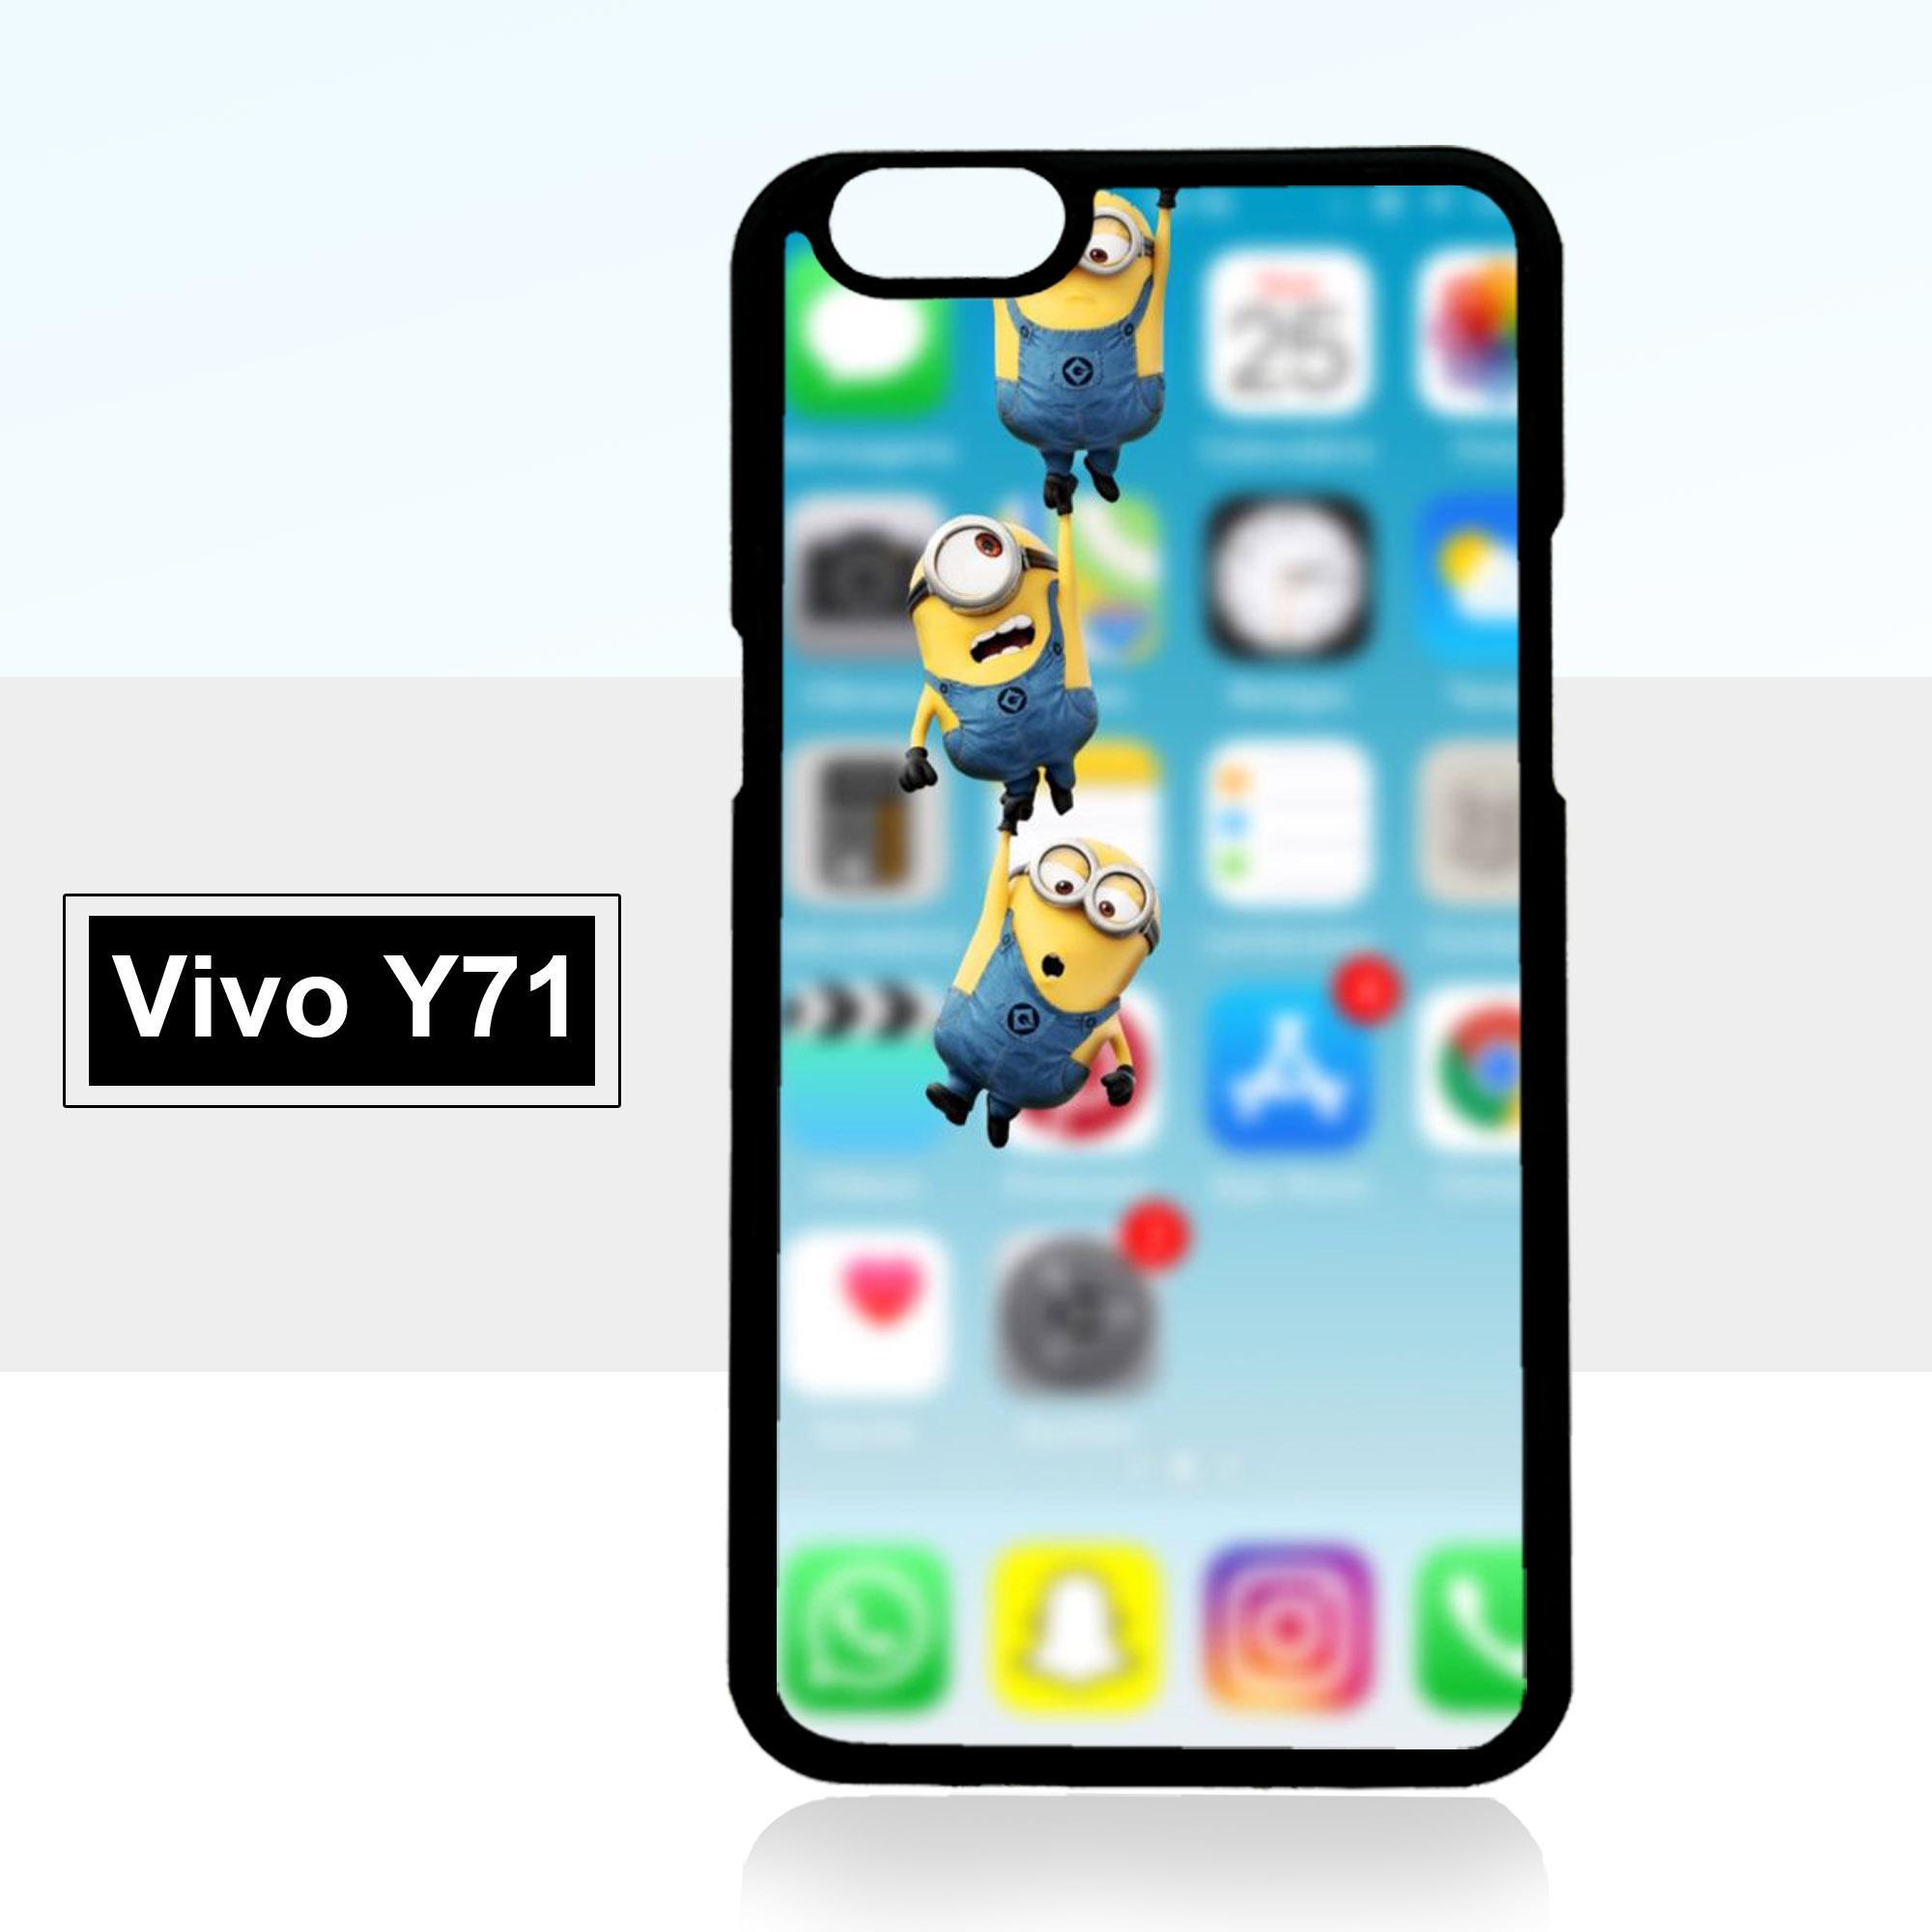 Marintri Case Vivo Y71 New Fashion Minsponges